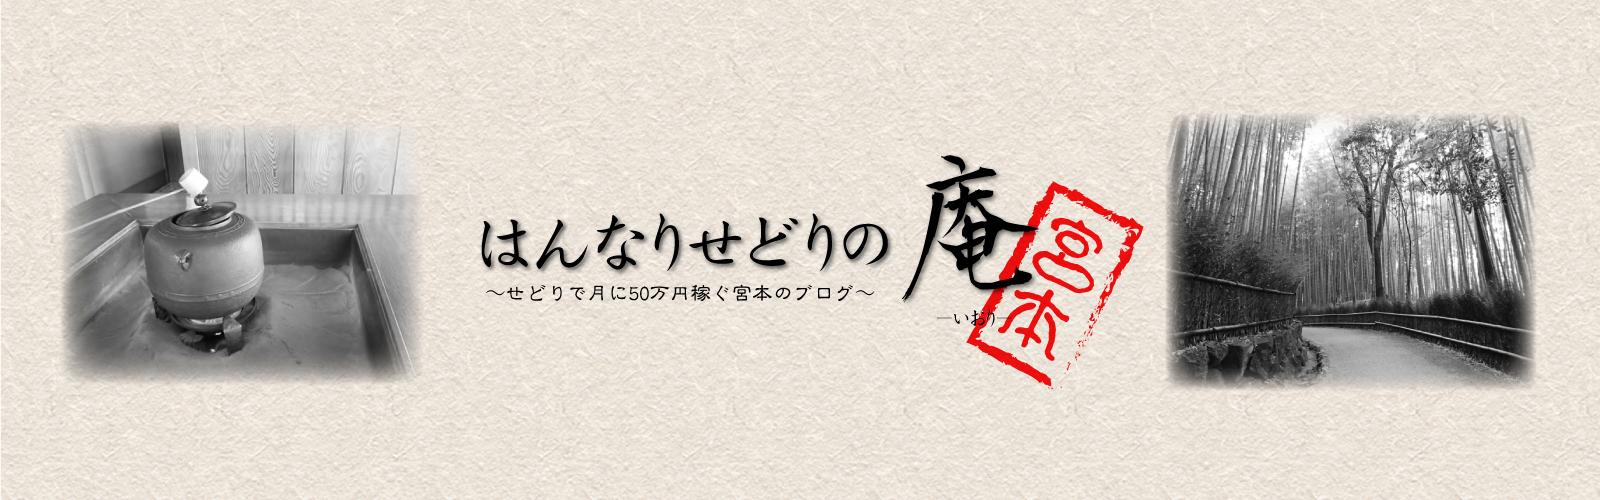 在宅せどりで月に50万円稼ぐ宮本のせどりブログ